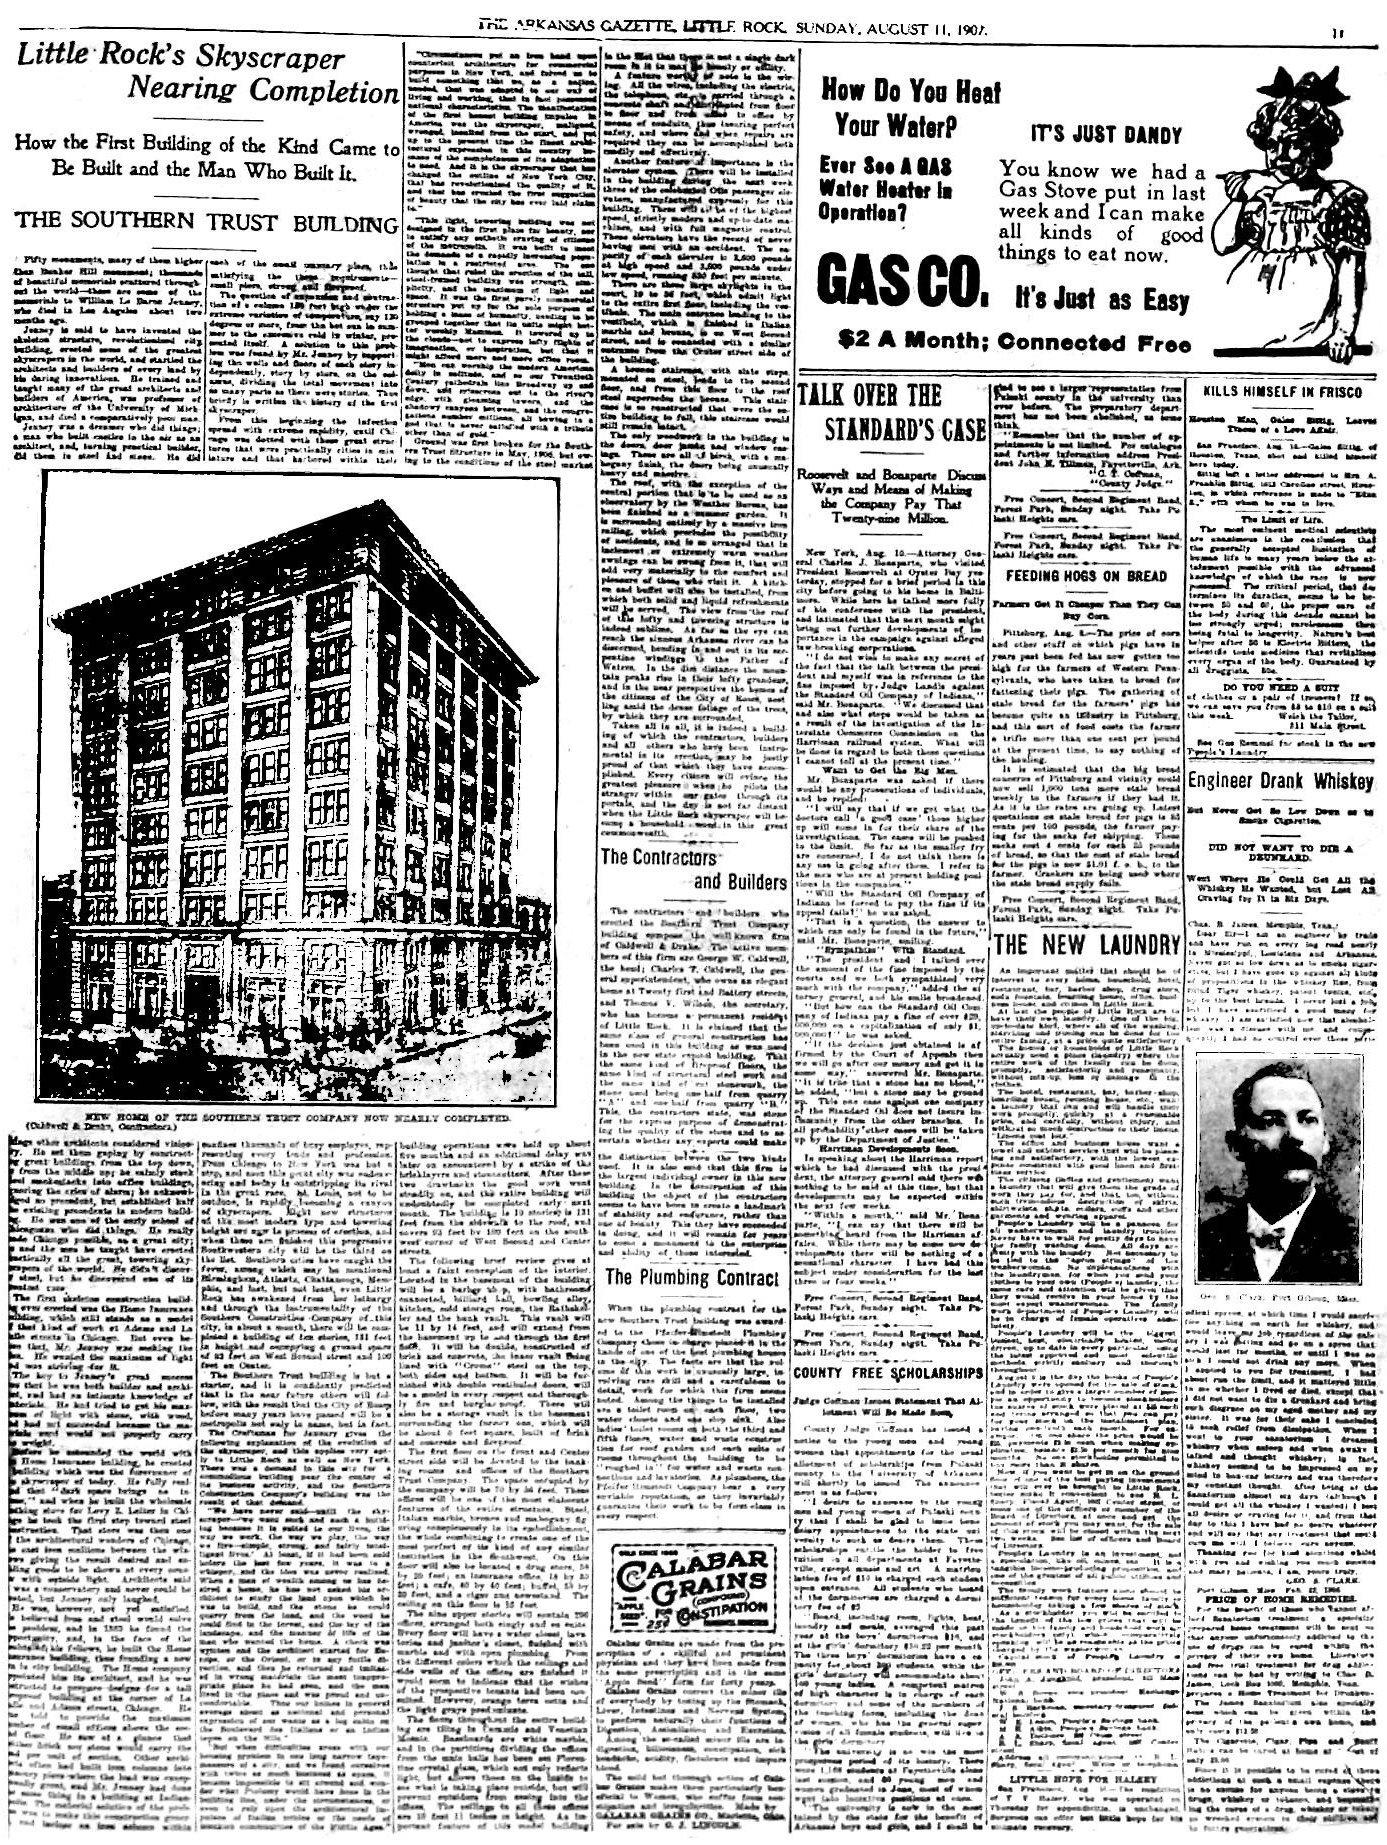 Celebrating 200 years: 1907